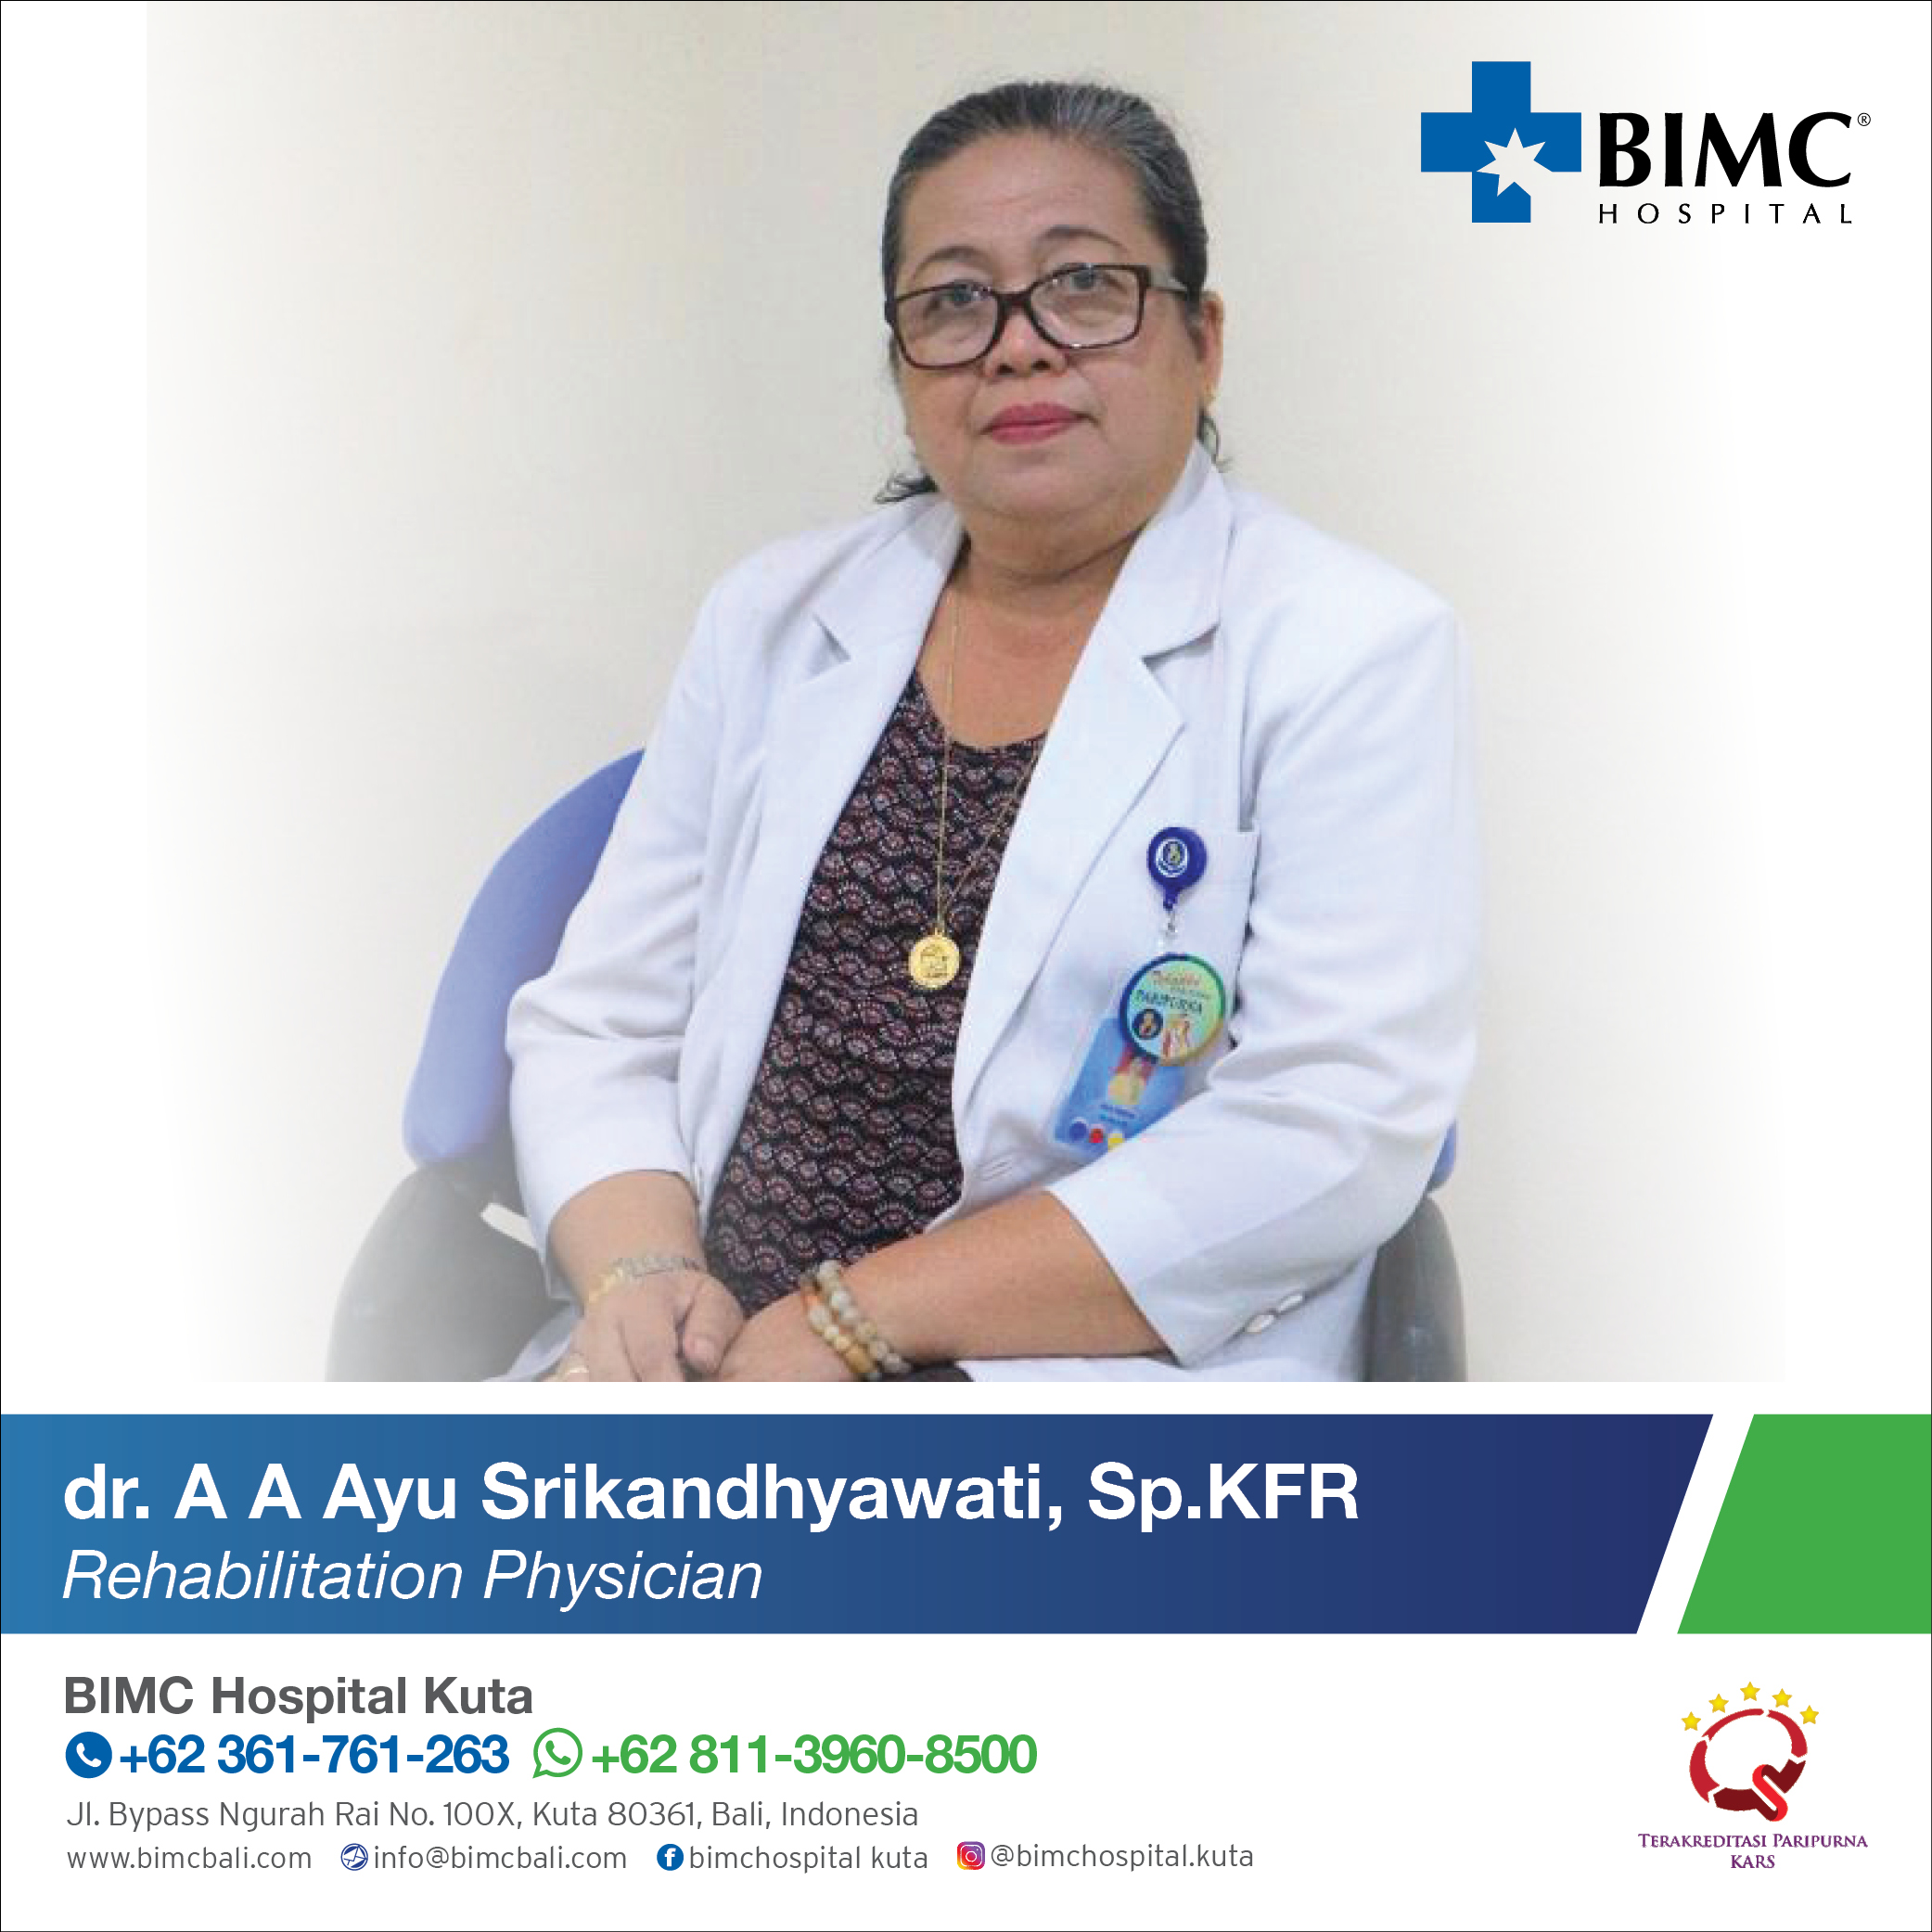 Dr. Srikadhyawati